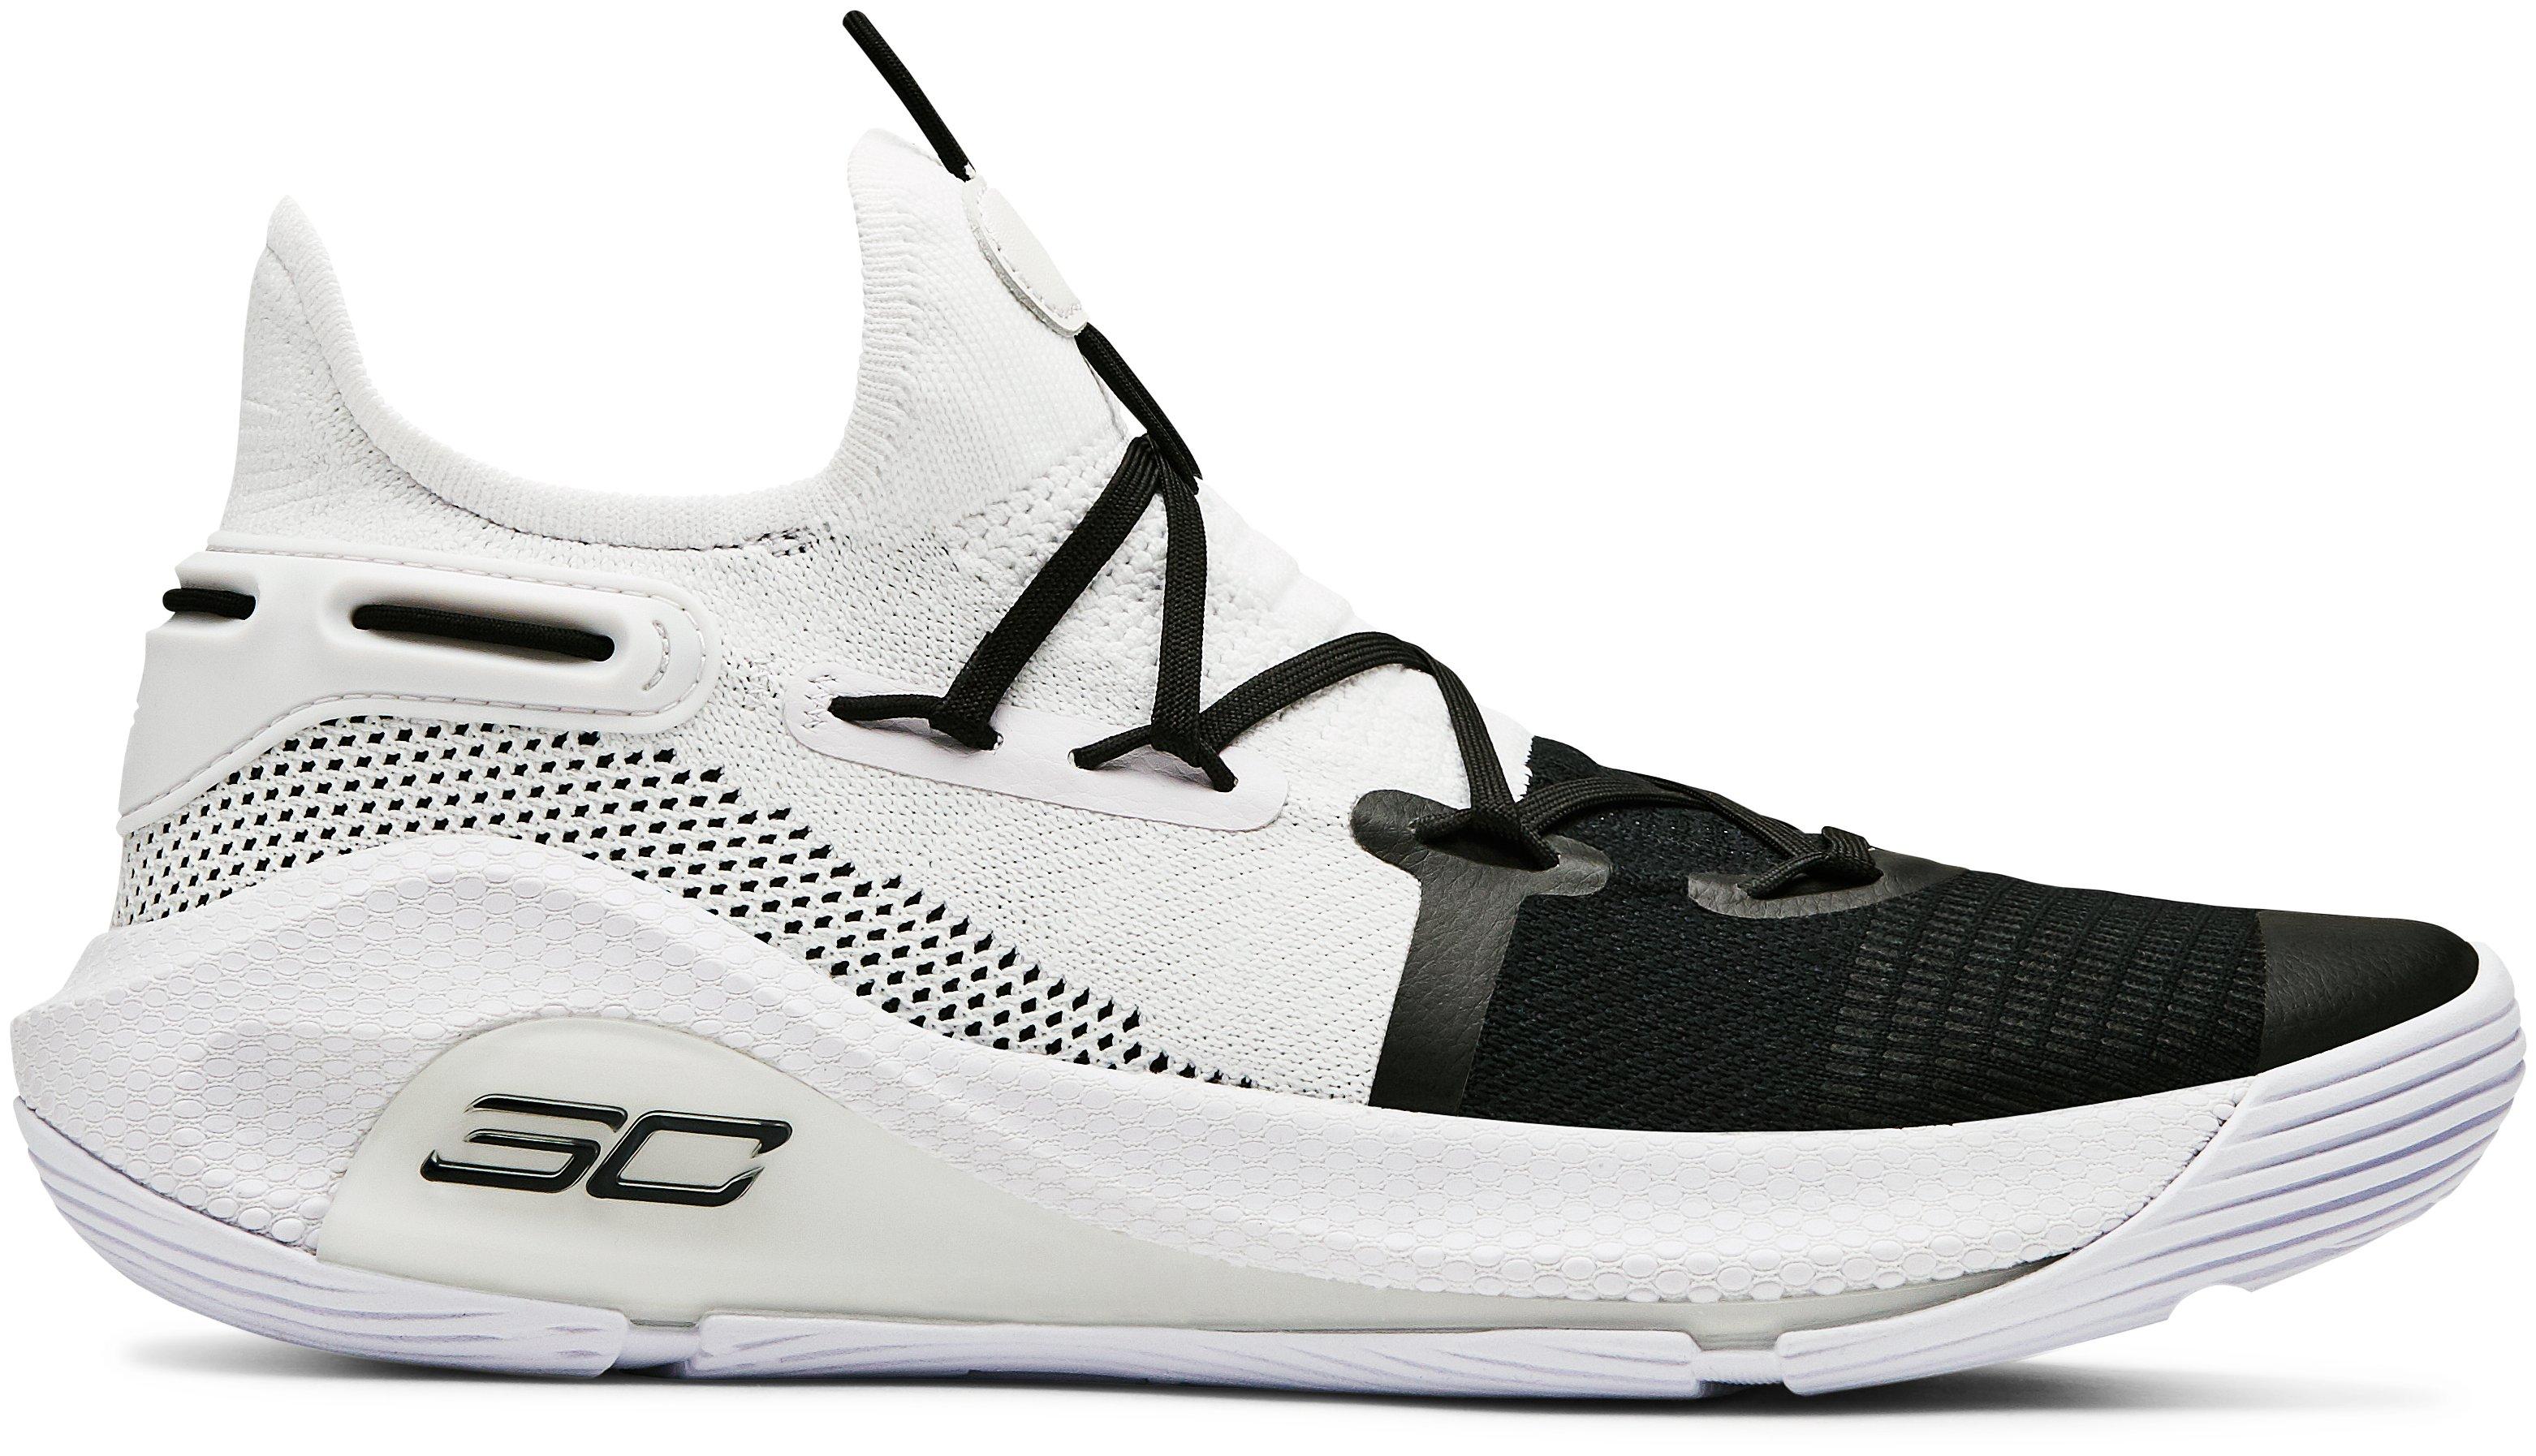 Zapatos de Basketbal UA Curry 6 para Hombre, 360 degree view